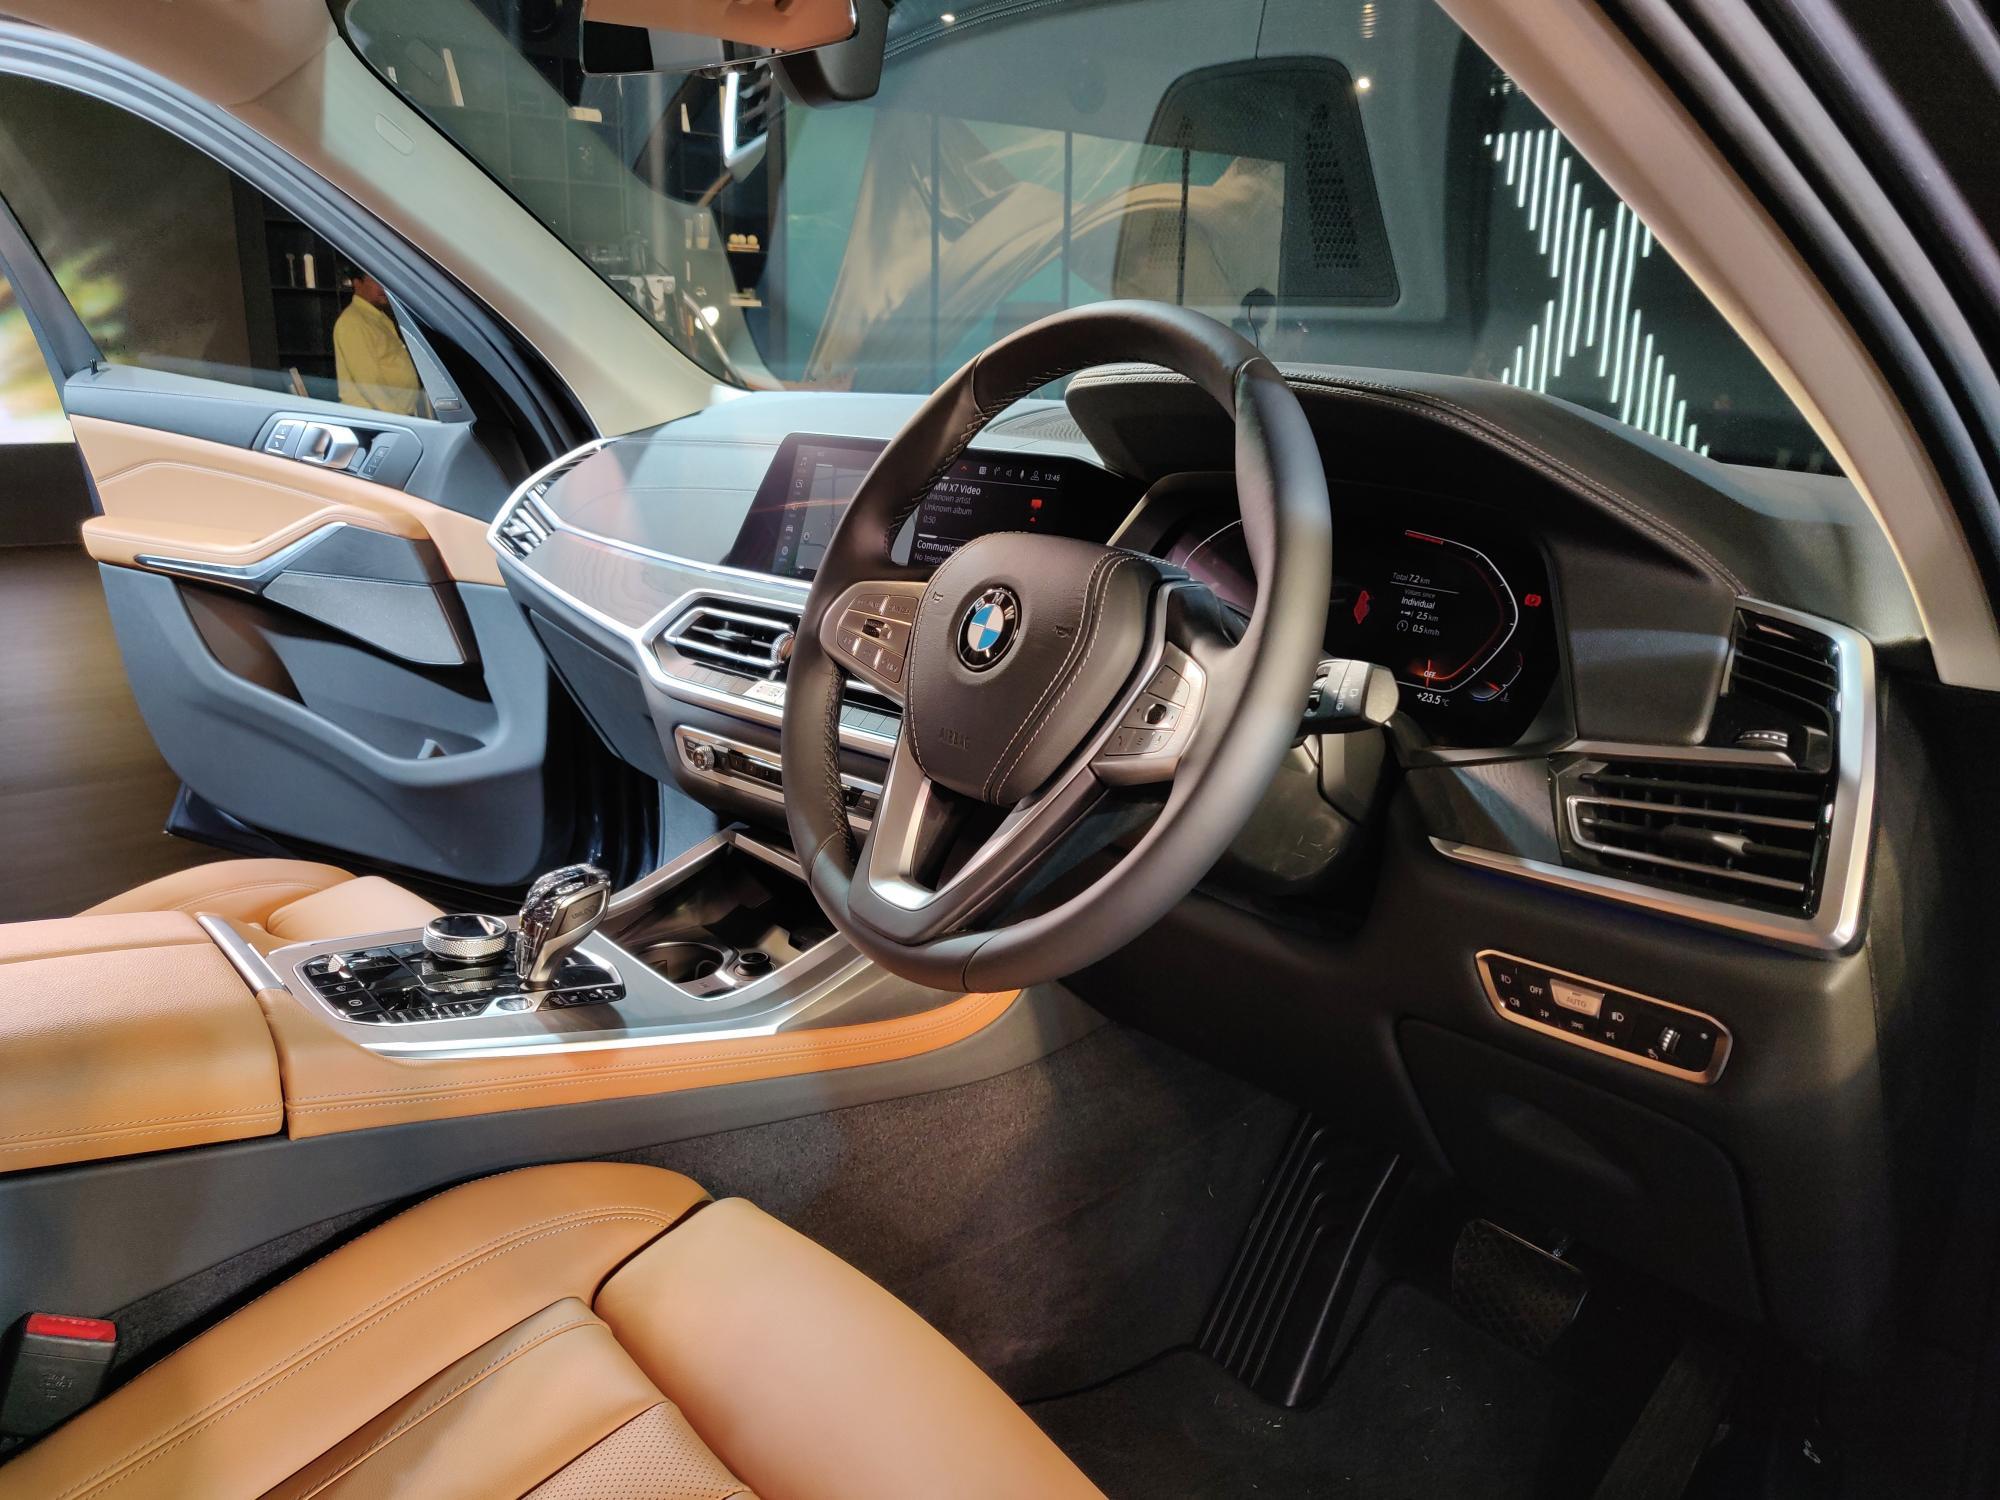 bmw-x7-interior-7-4f0e.jpg